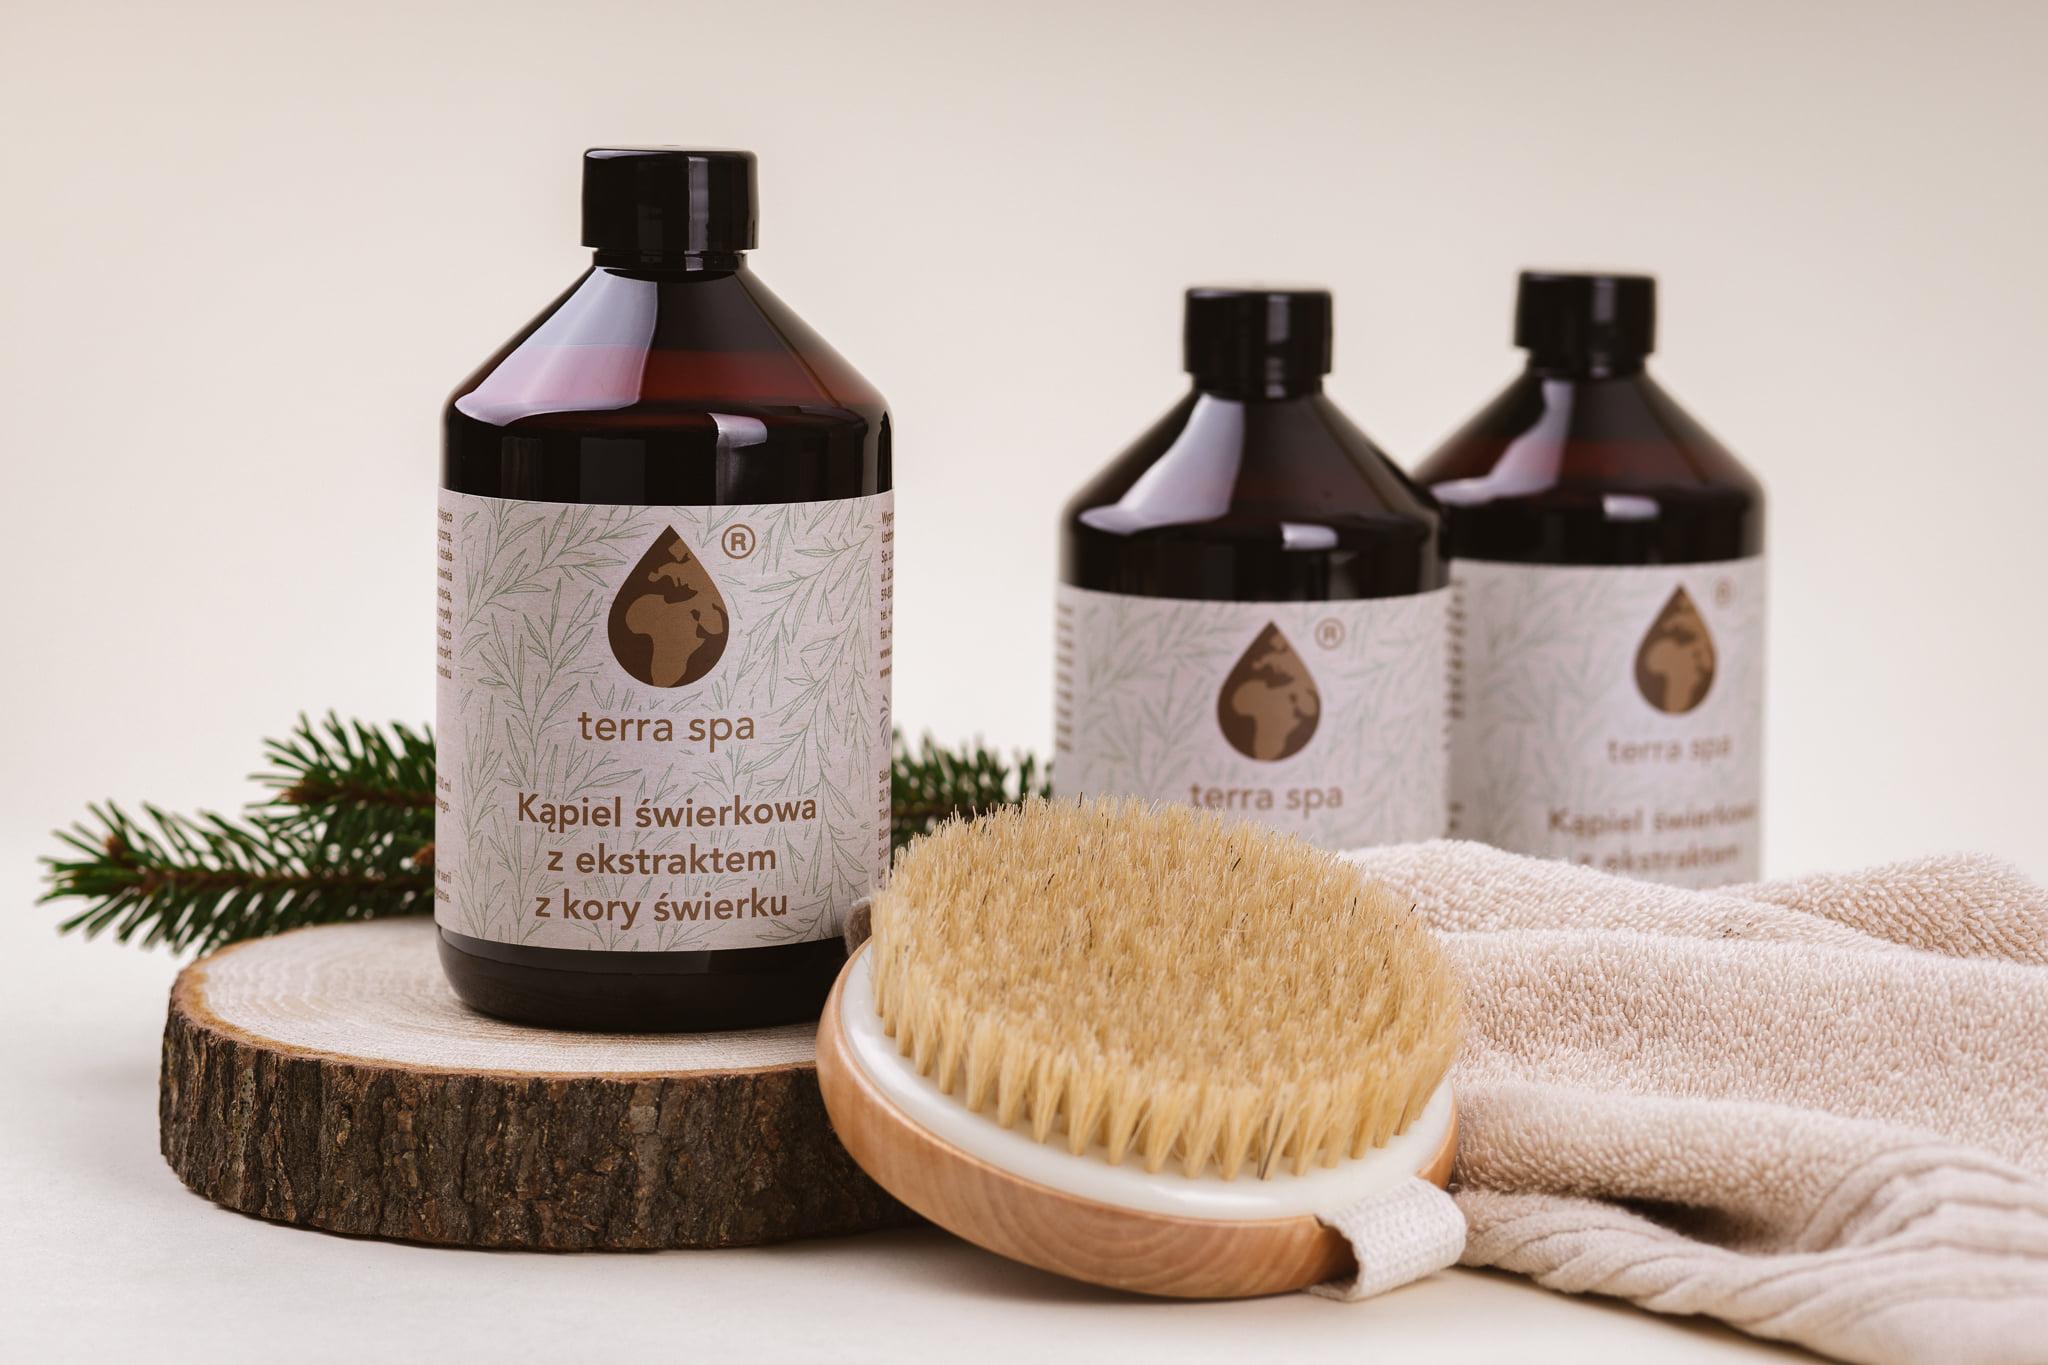 Zimowa pielęgnacja skóry. Postaw na kąpiele z kosmetykami terra spa!